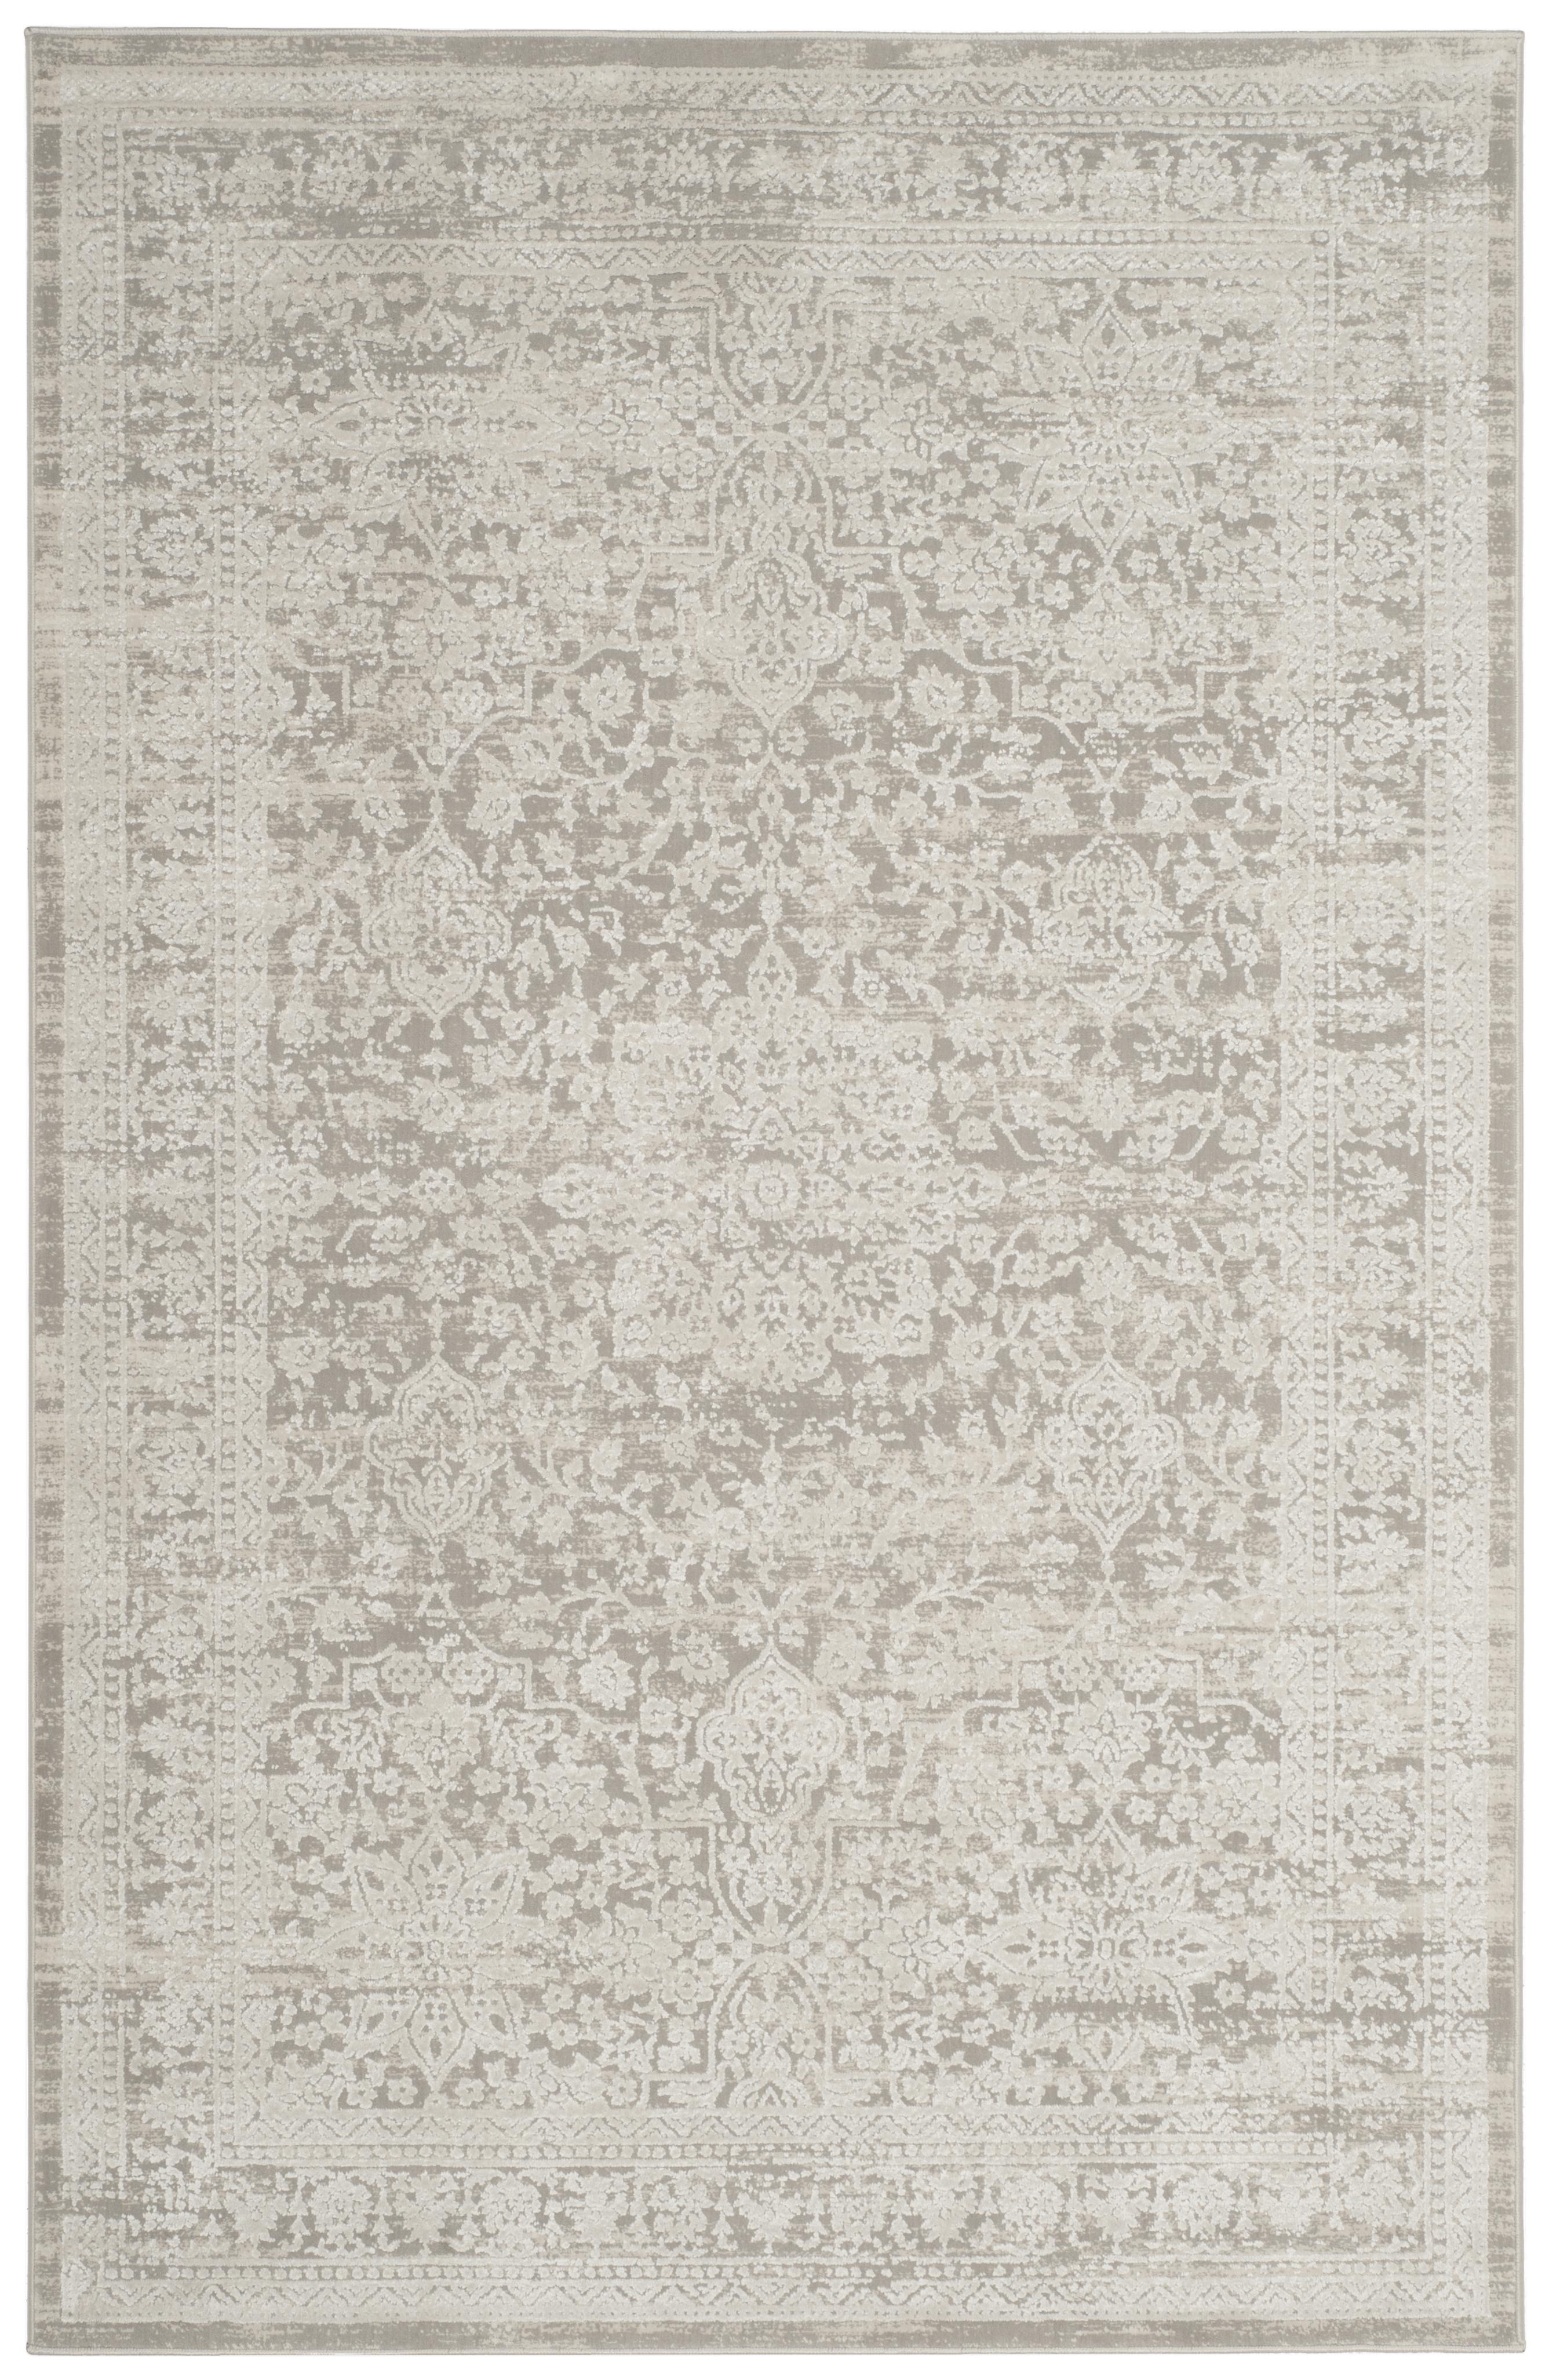 Haden 712 4' X 6' Gray Polyester Rug